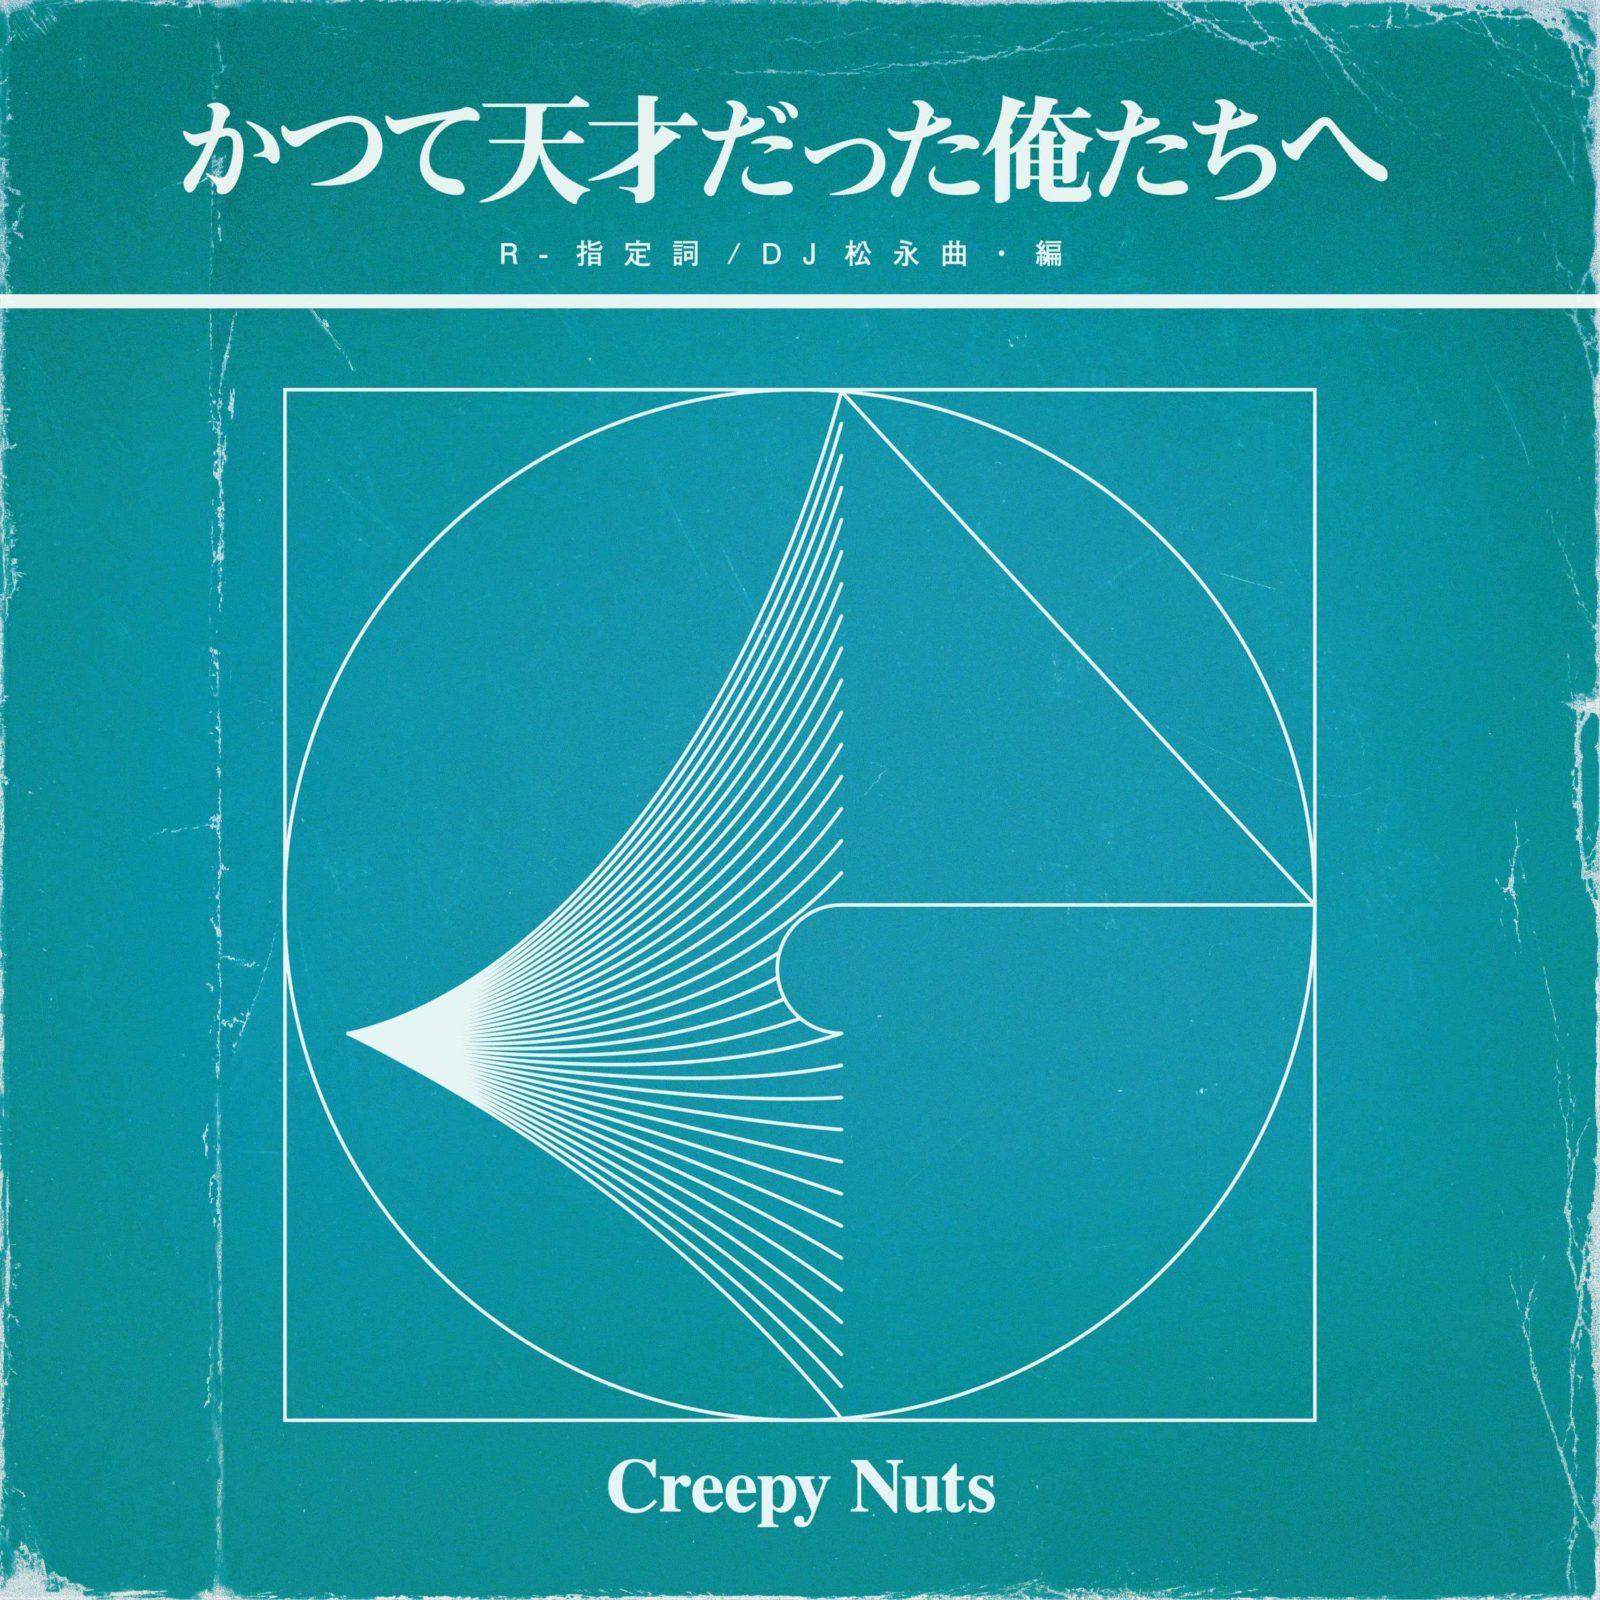 Creepy Nuts、ミニアルバム「かつて天才だった俺たちへ」全7曲の収録内容&アルバムジャケット写真を解禁サムネイル画像